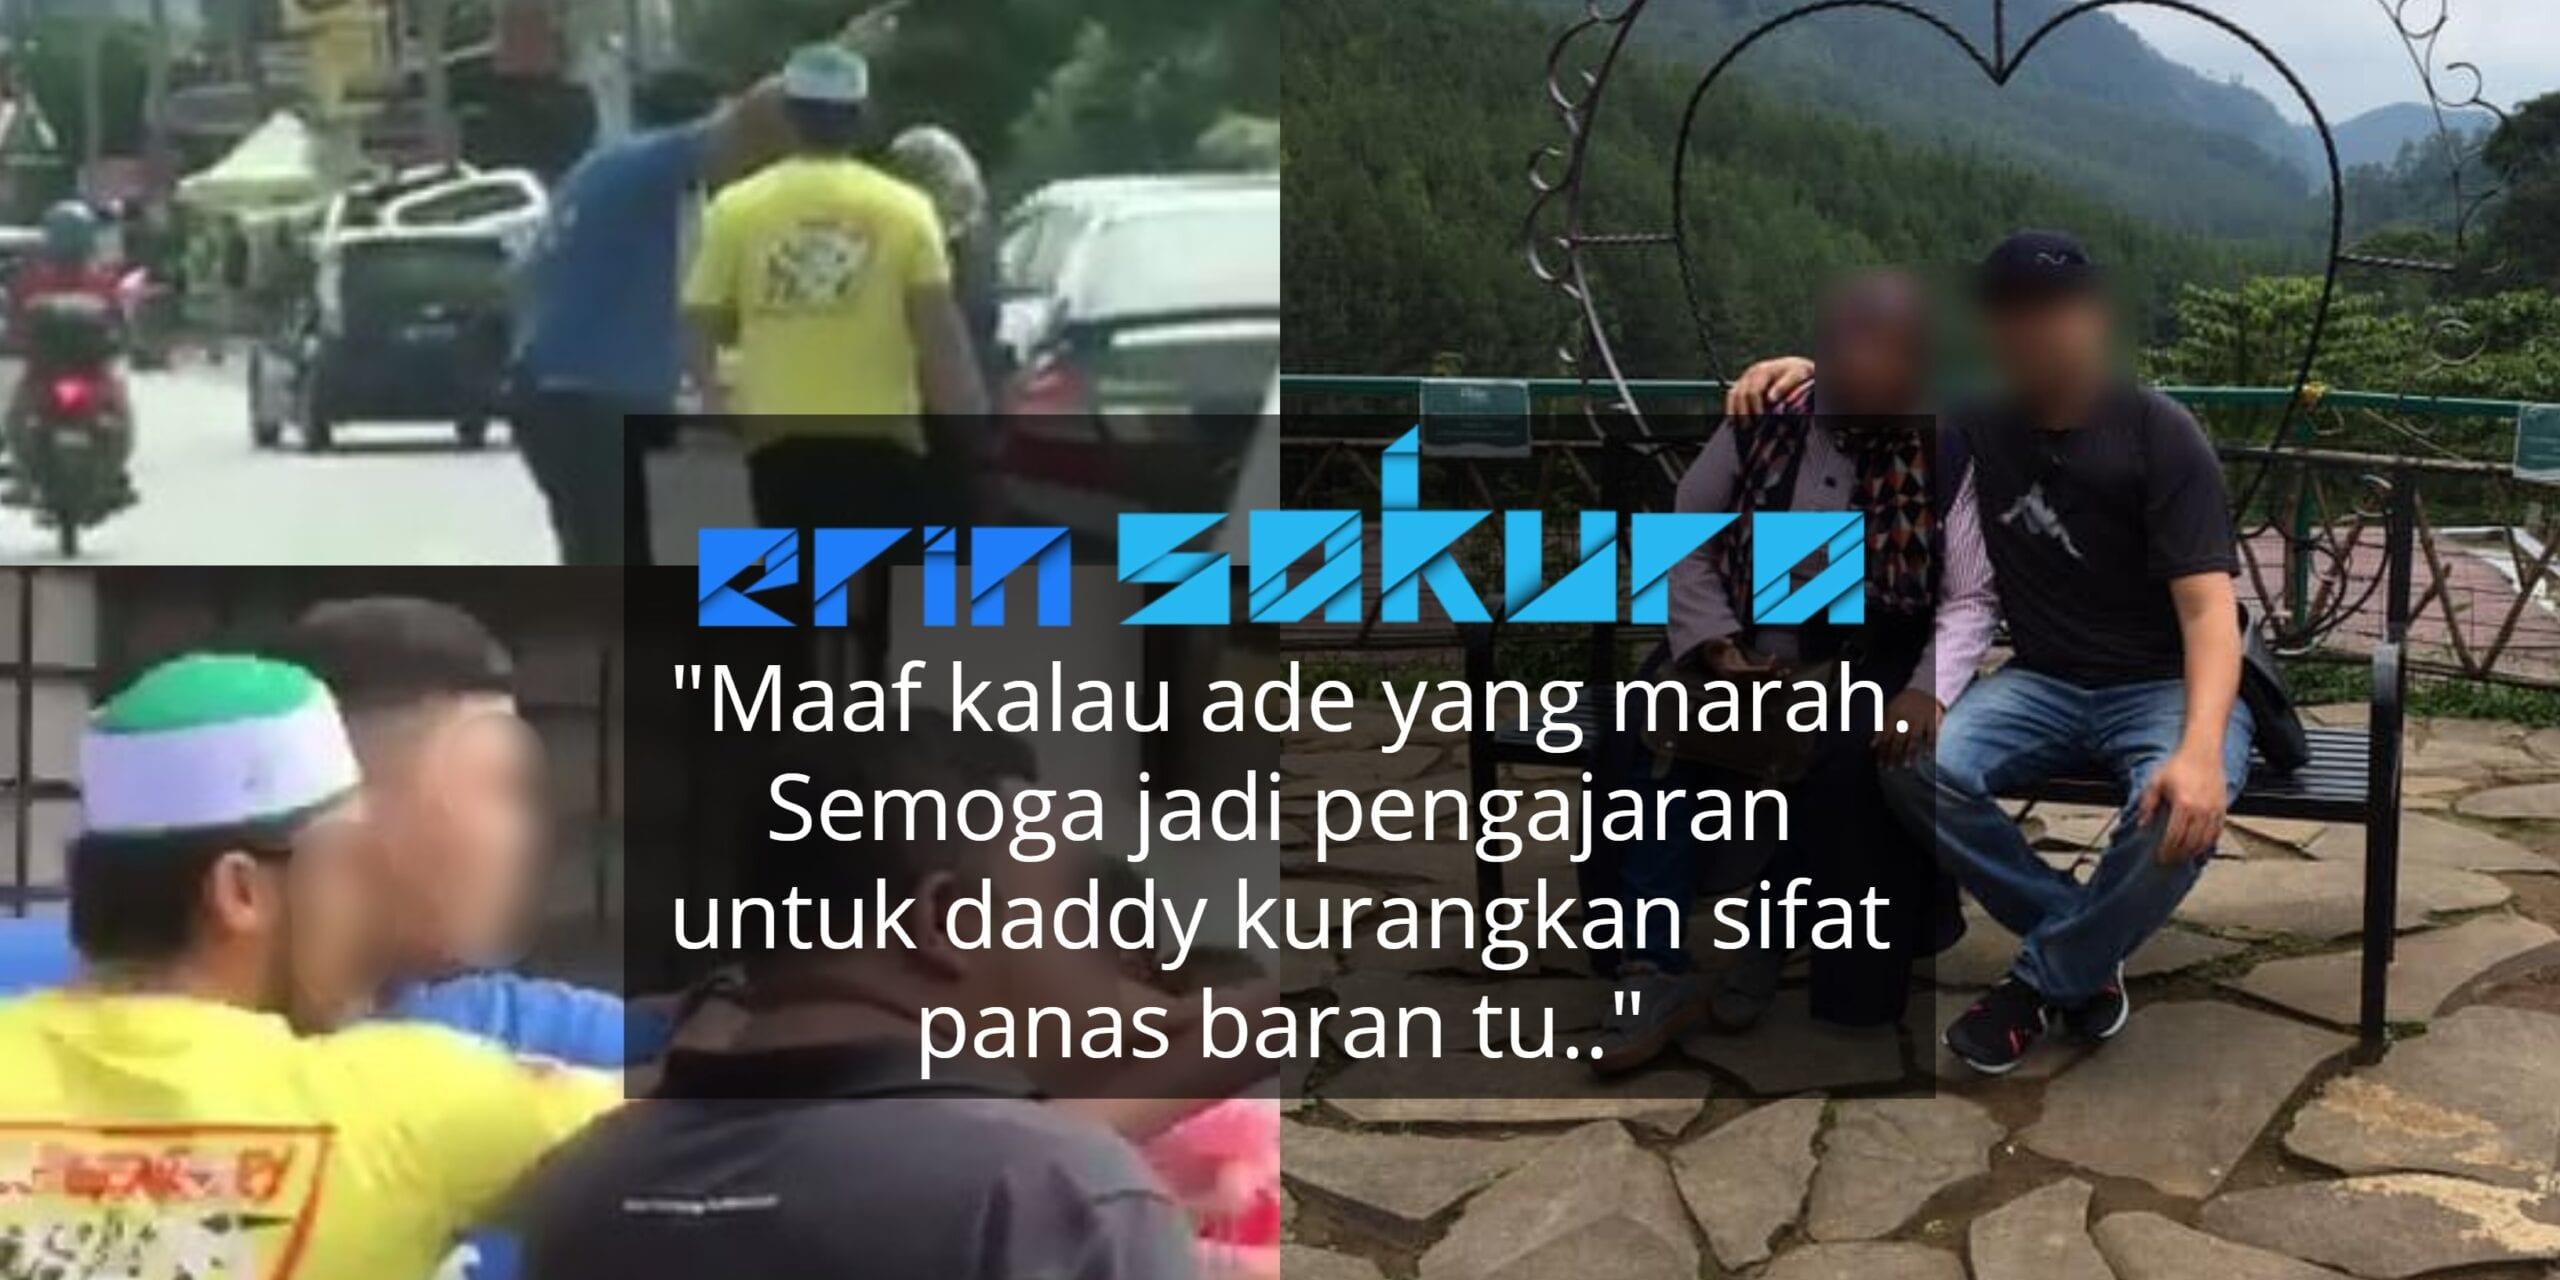 Insiden Lempang Wanita Di Tengah Jalan, Isteri Suspek Buat Permohonan Maaf…